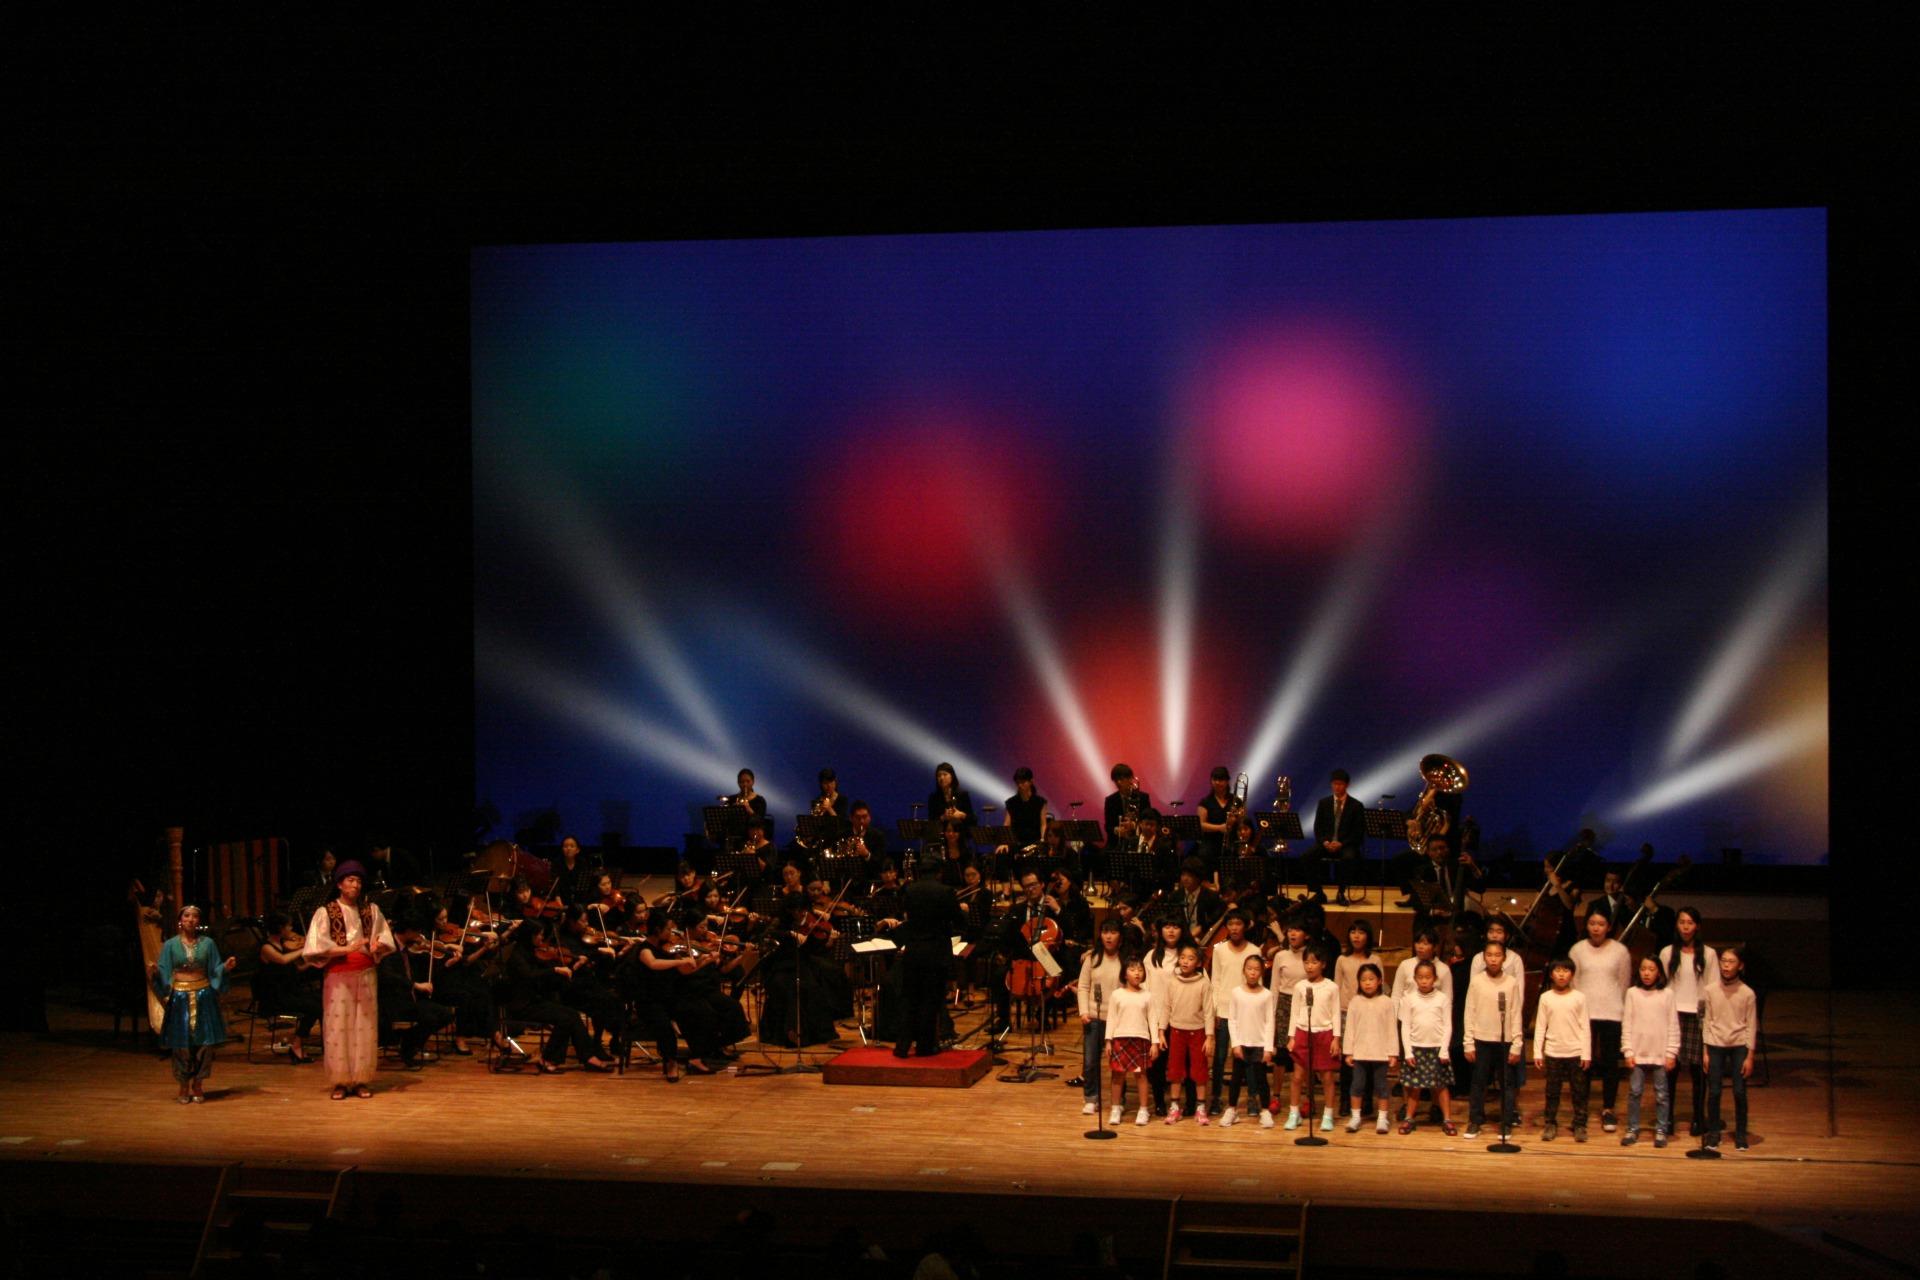 北とぴあ国際音楽祭2020 芸大とあそぼう in 北とぴあ 三太郎リターンズ~ももたろうの鬼退治の画像